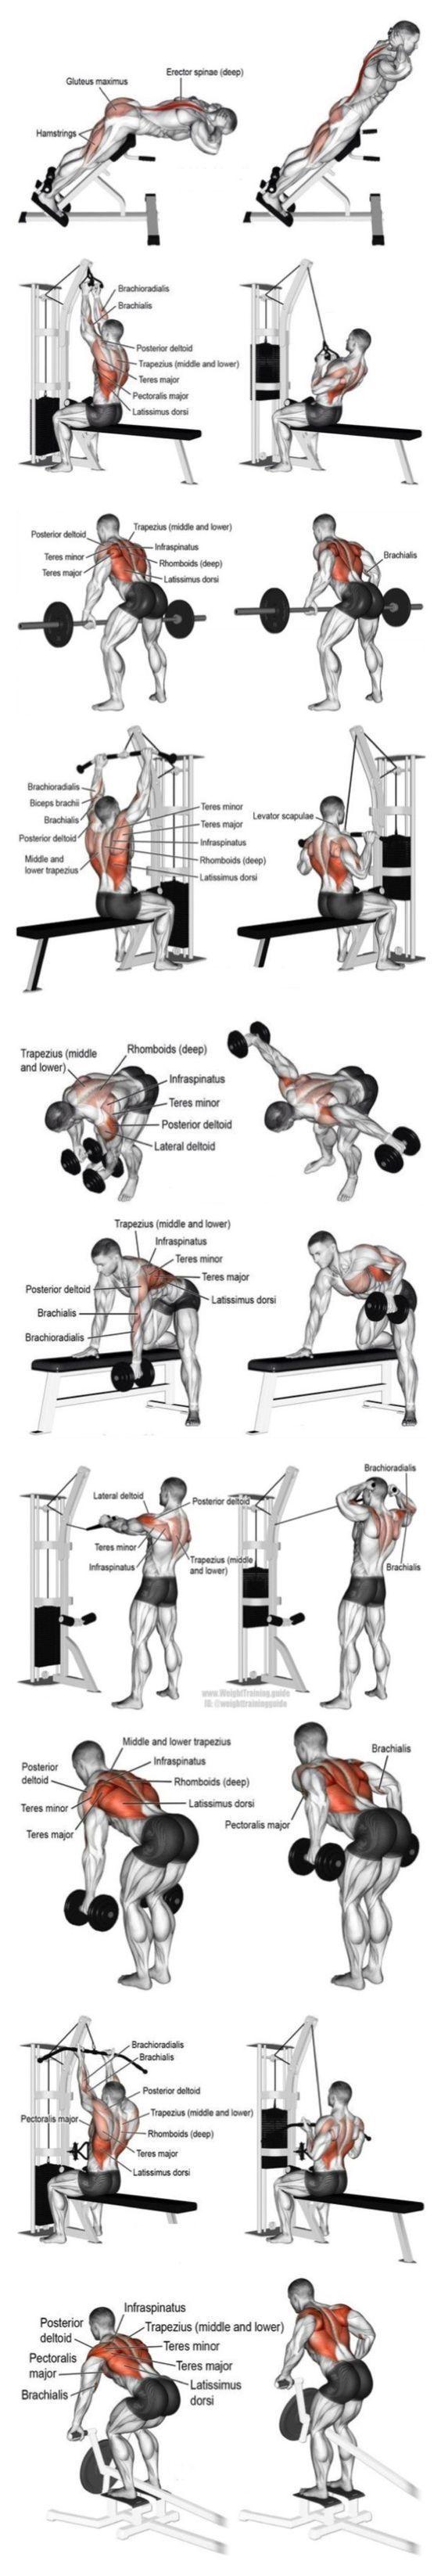 Bodybuilding-Fitnessübungen, um Ihre Muschel zu formen. BodyCraft Fitnessgeräte … - Fitness #exerciseequipment